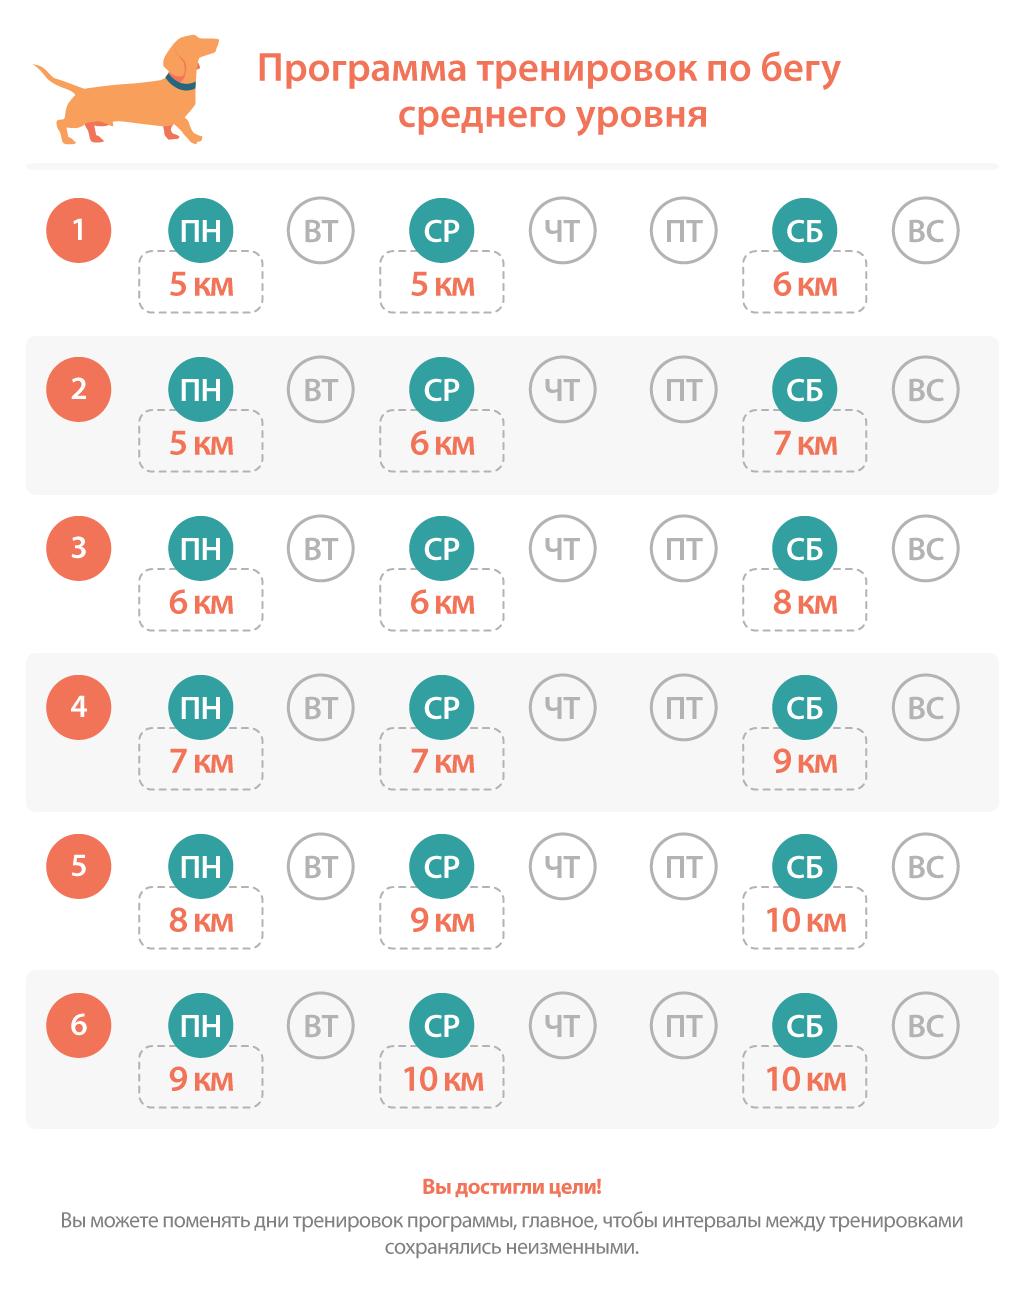 Программа тренировок по бегу на 6 недель, средний уровень